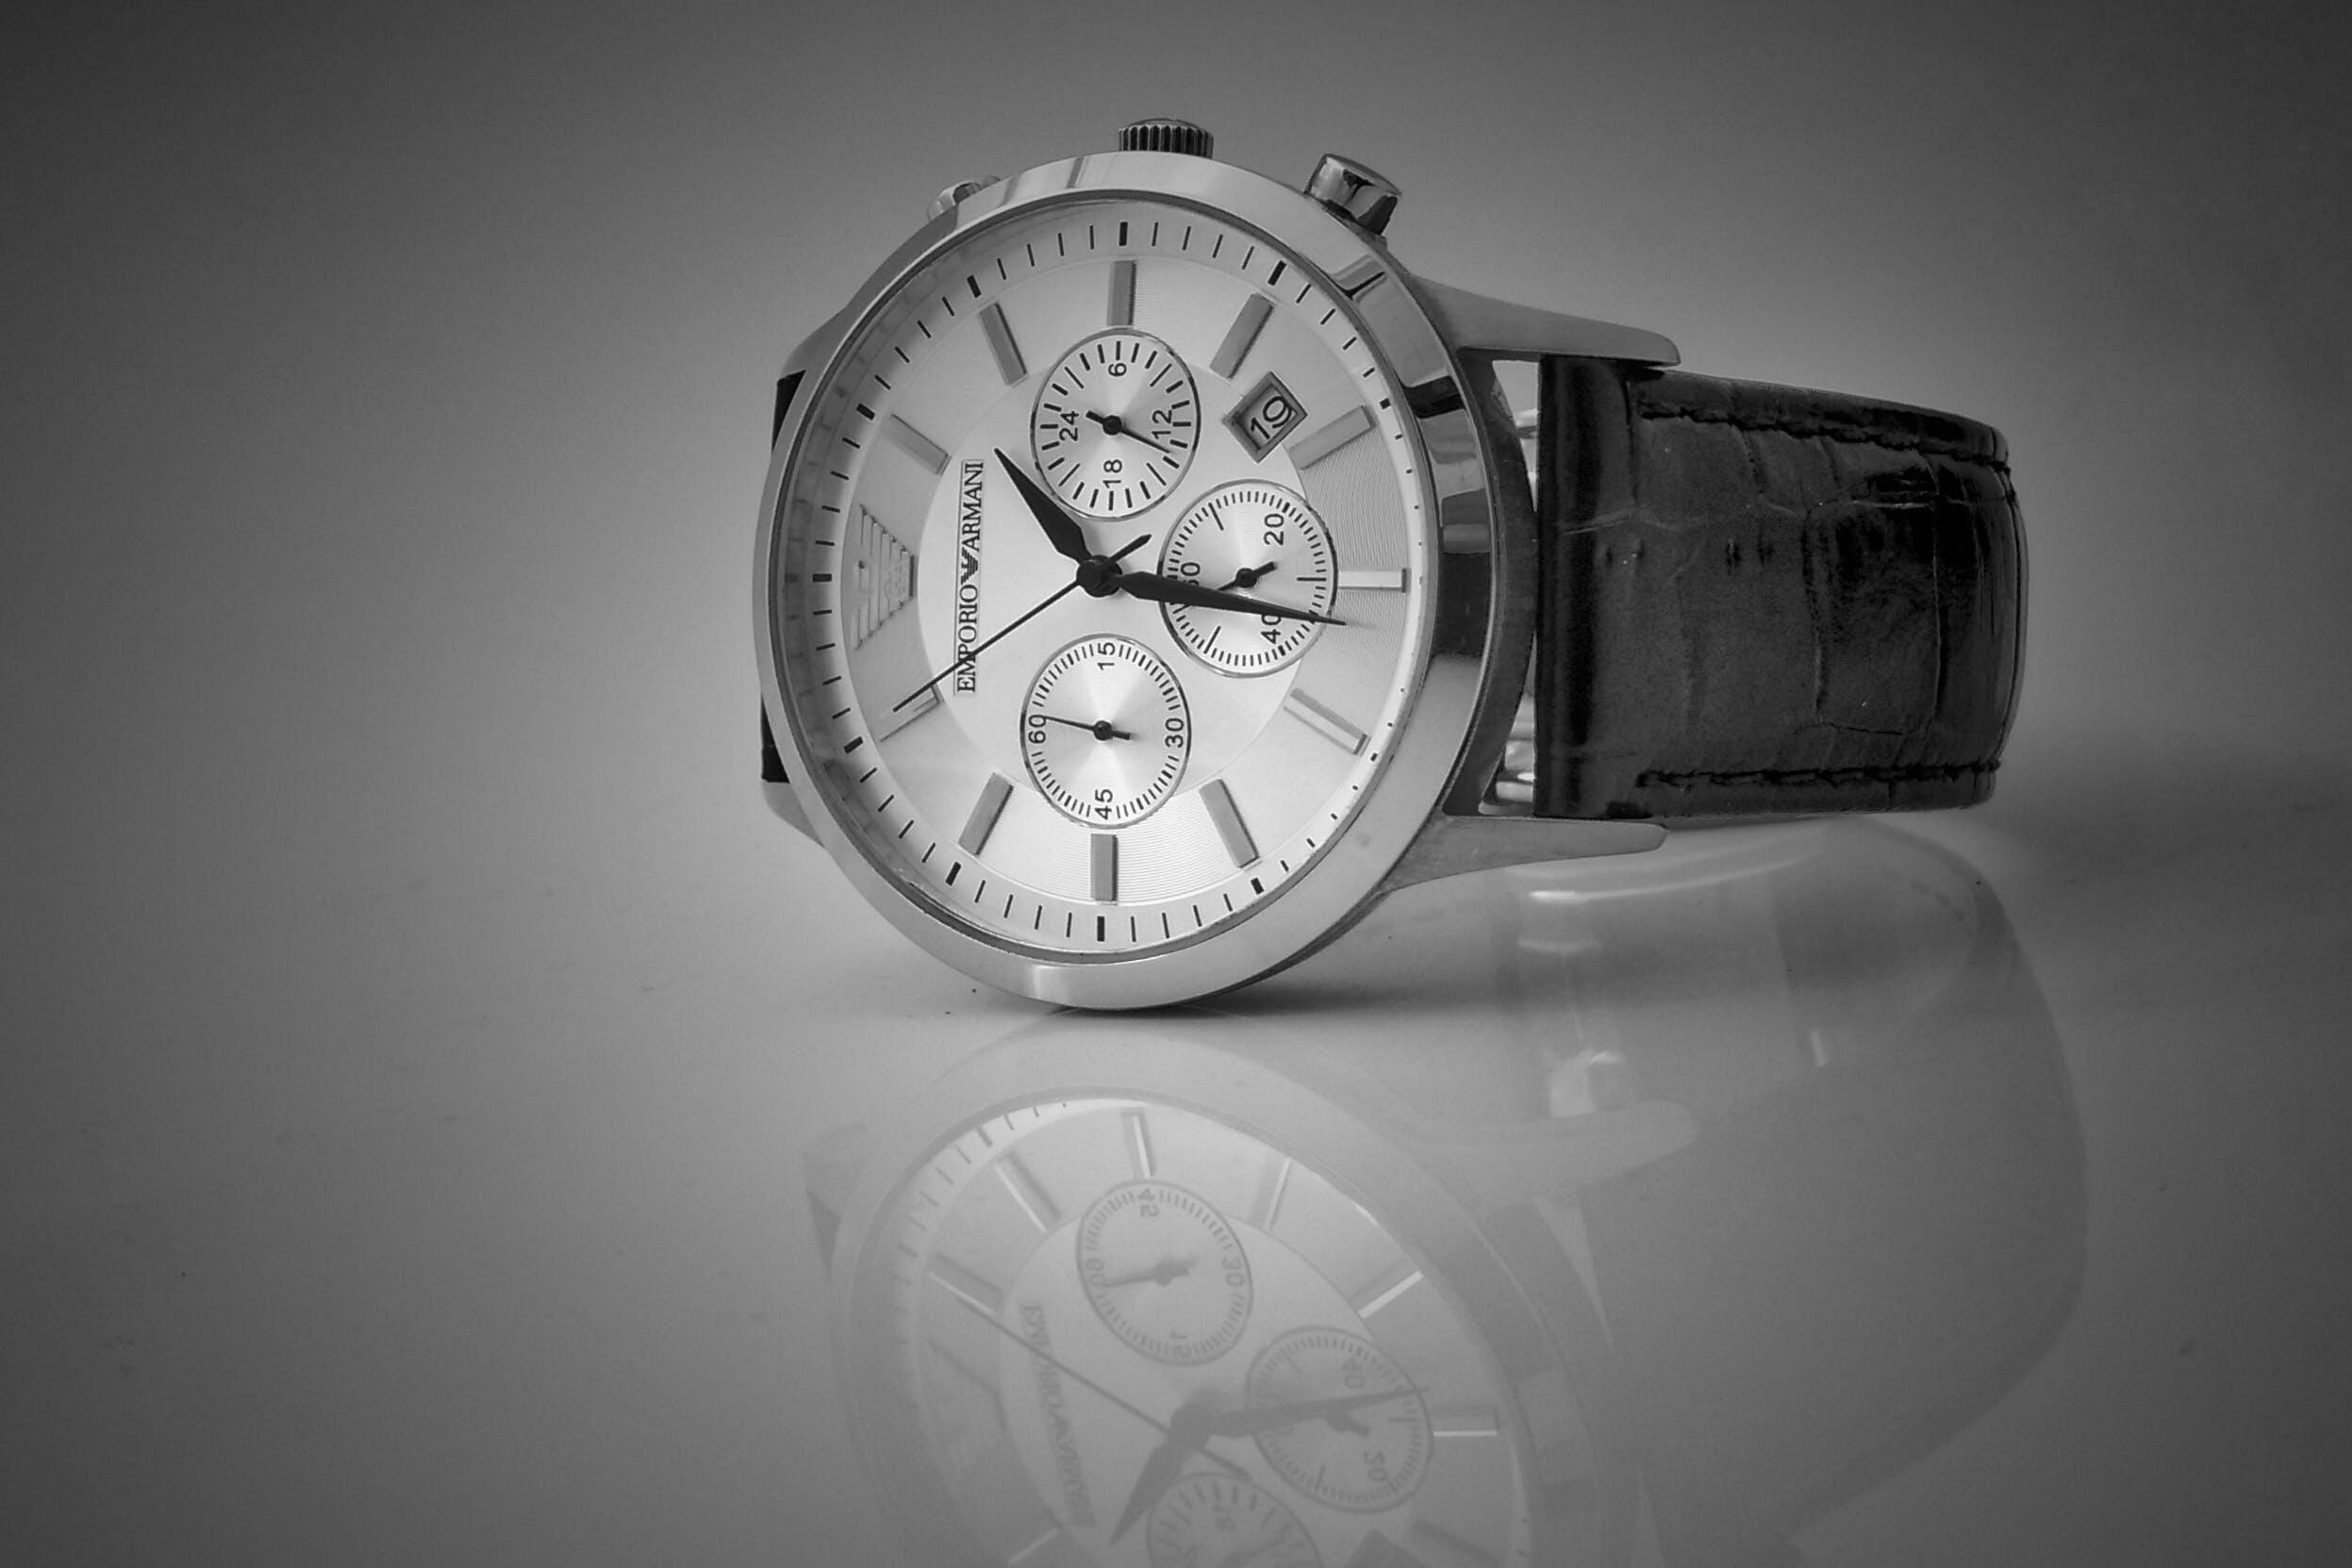 Kostenloses Stock Foto zu analoge uhr, armbanduhr, reflektierung, schwarz und weiß